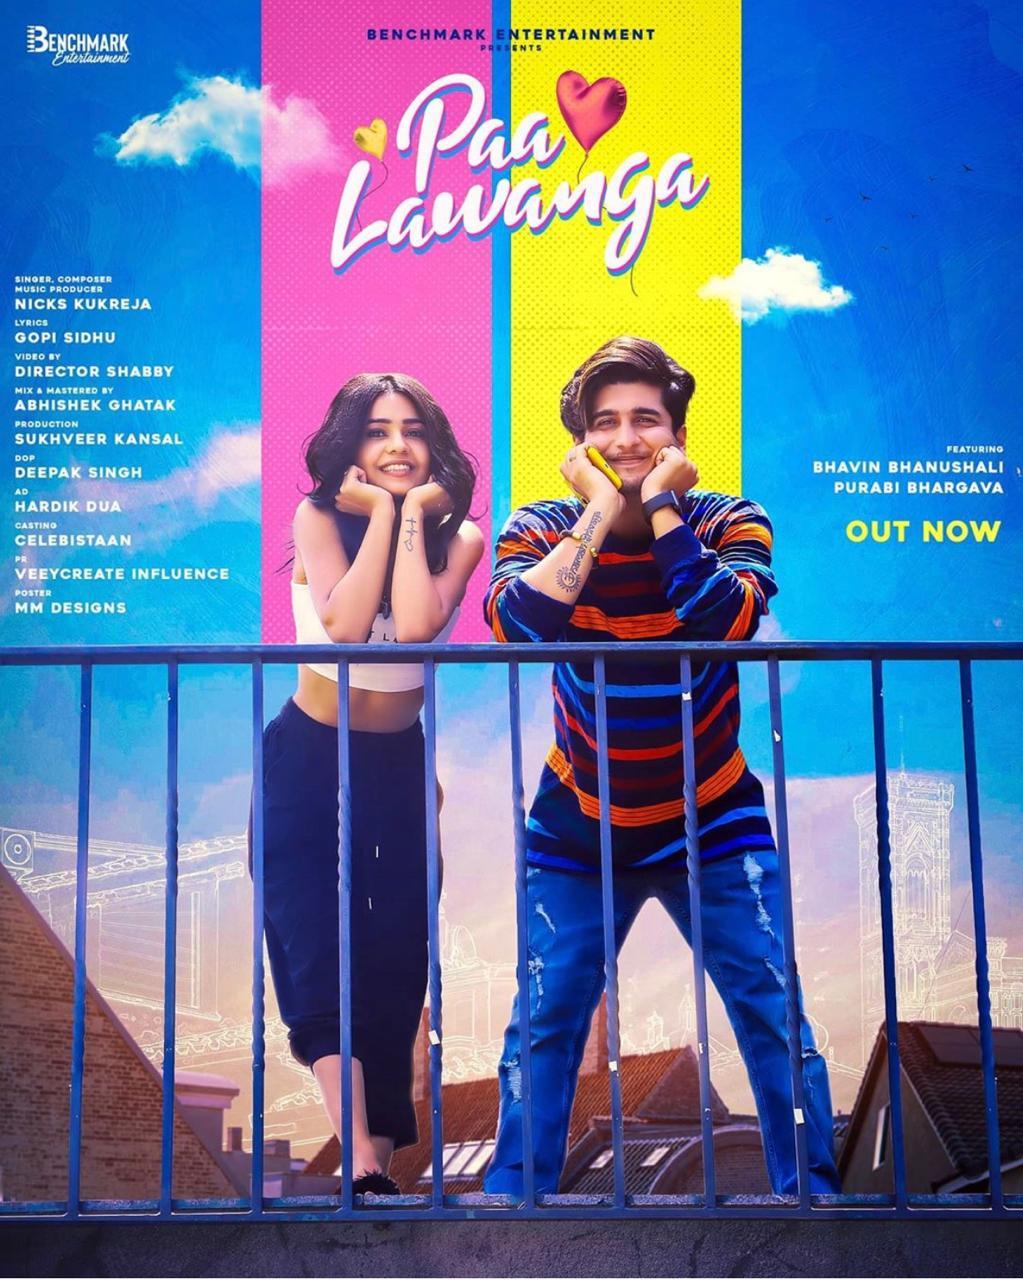 Benchmark Entertainment's Paa Lawanga starring Bhavin Bhanushali and Purabi Bhargava is here to win your hearts